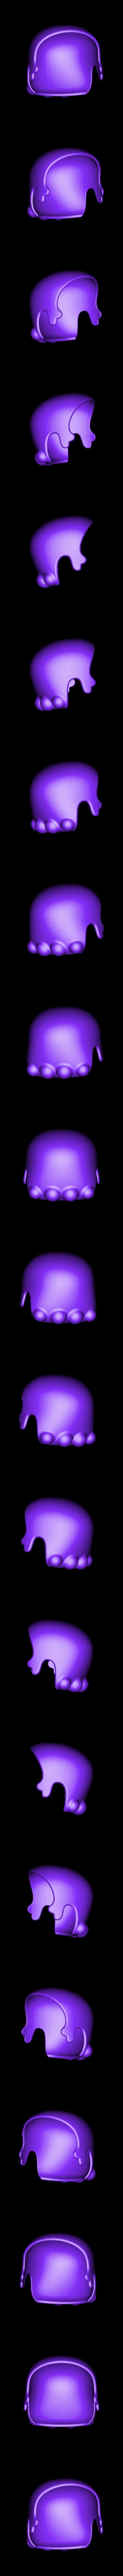 Mario-2.STL Télécharger fichier STL gratuit Super Mario complete set • Objet pour impression 3D, 86Duino